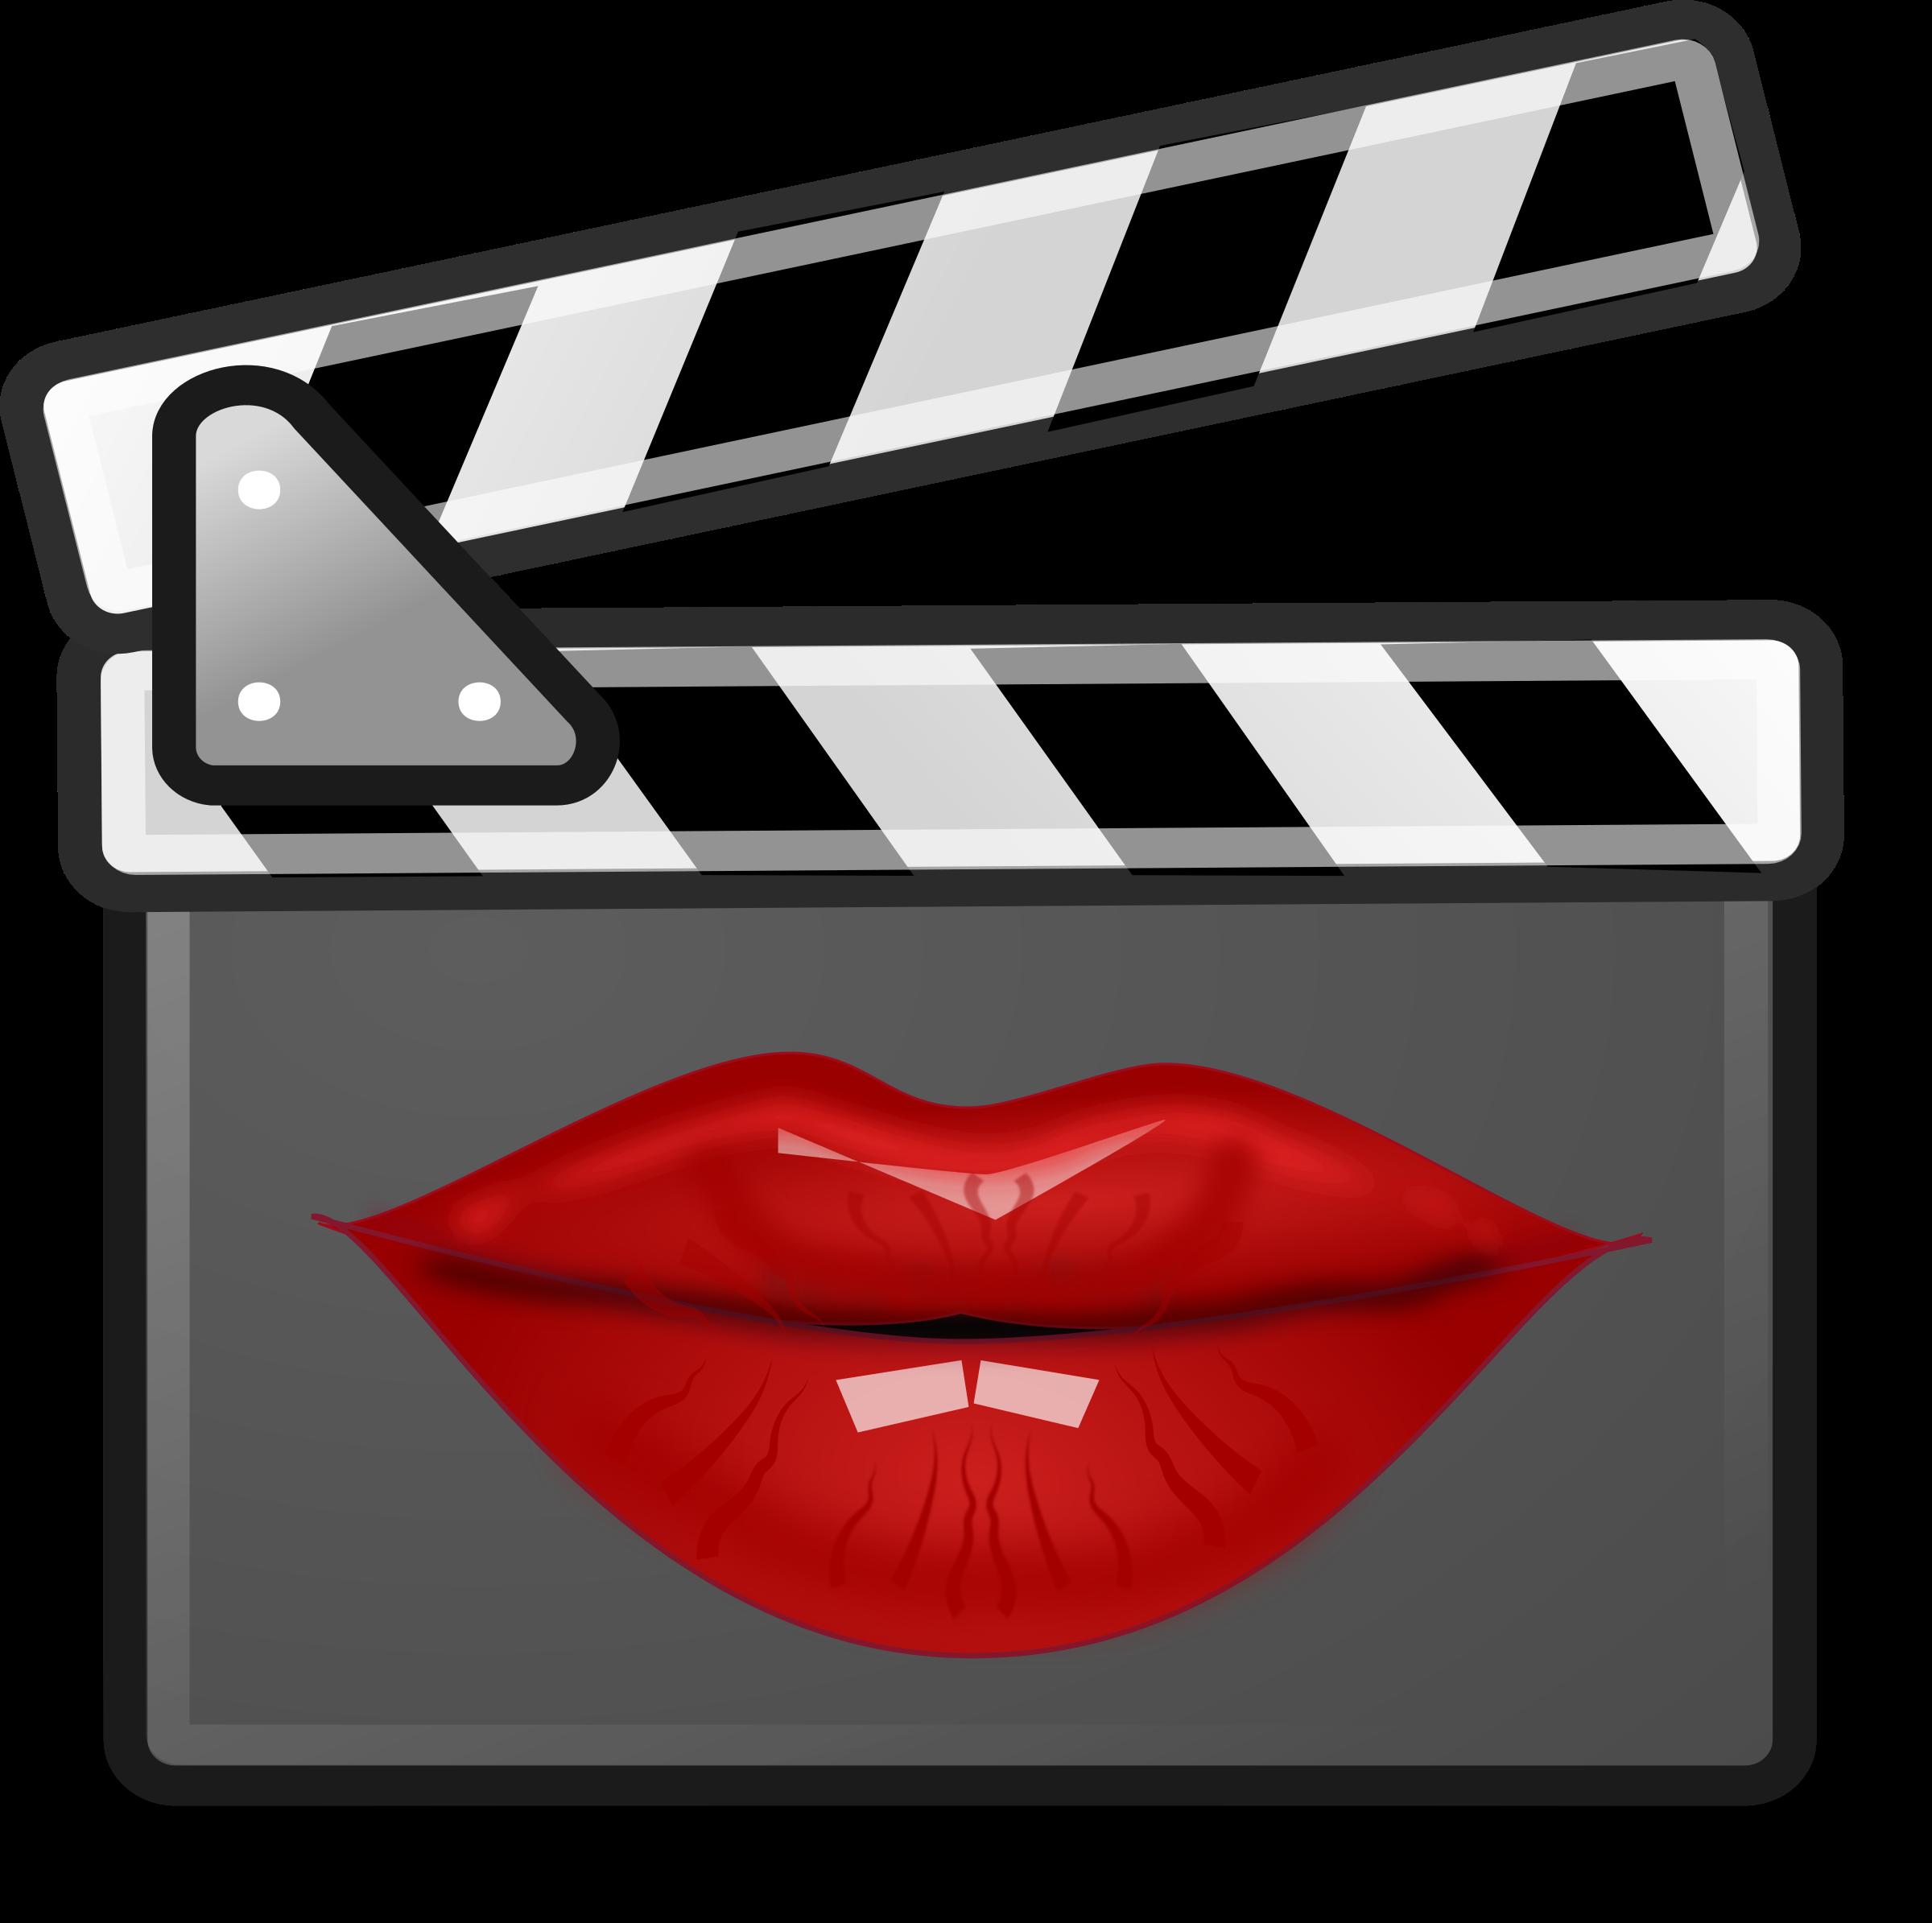 Porn Movie by j4p4n